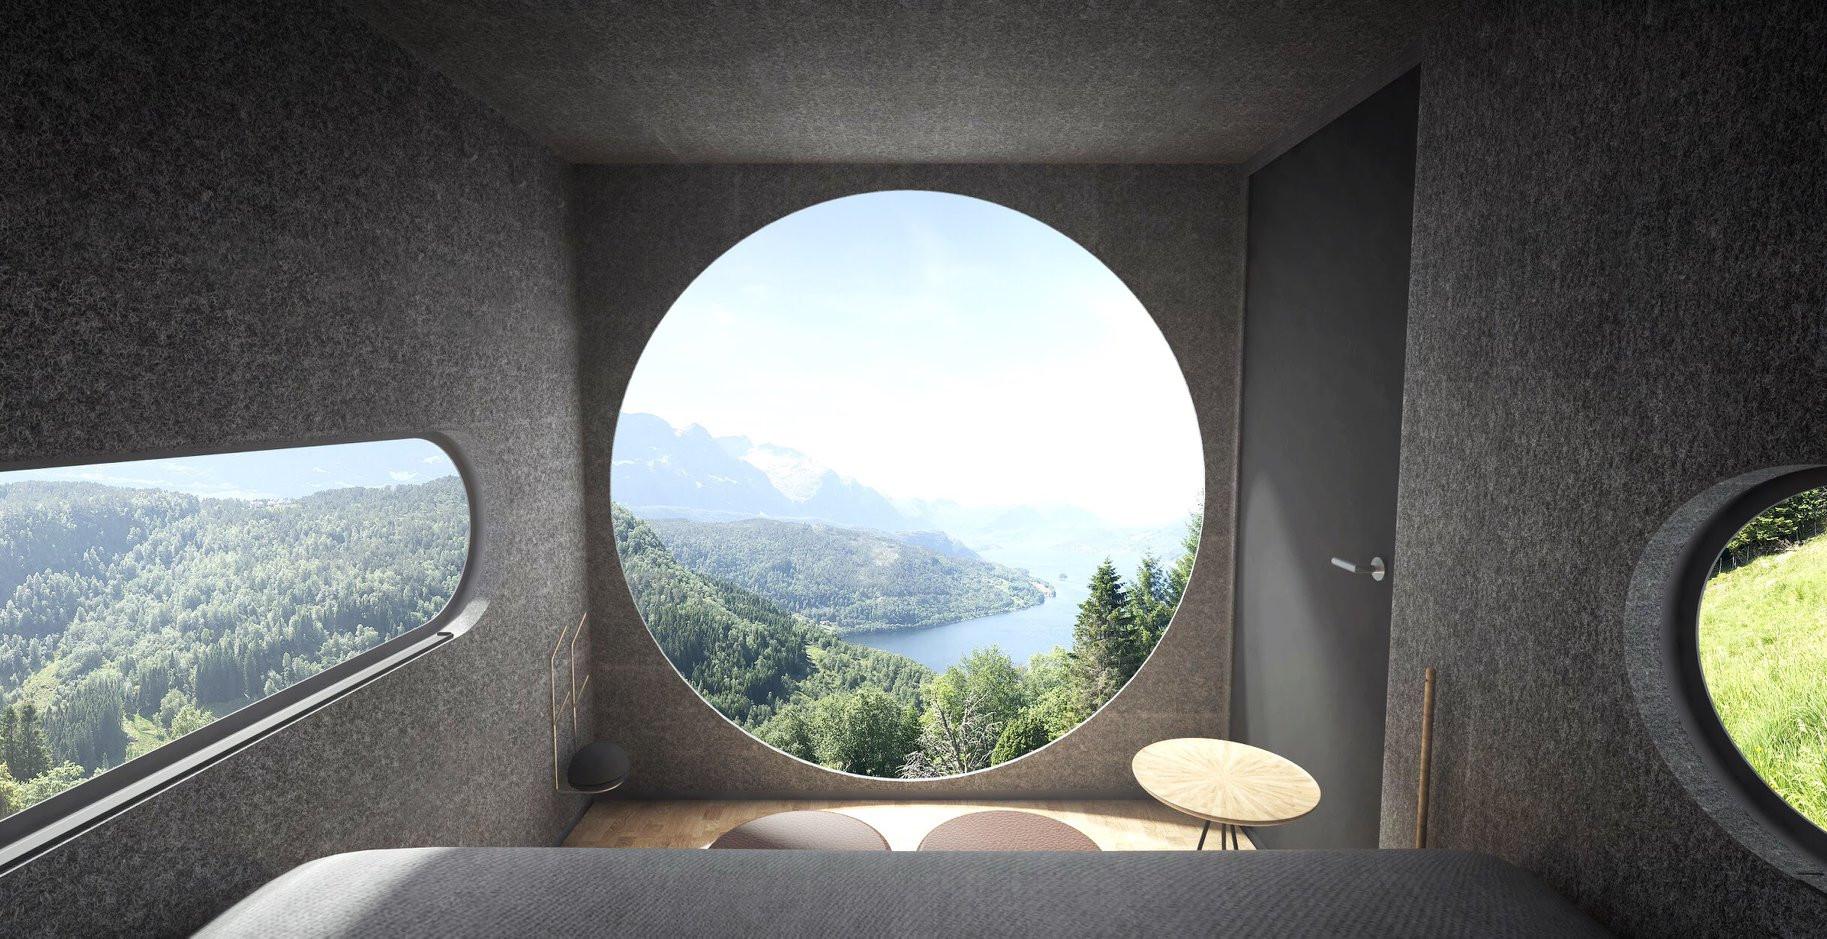 Llega la casa prefabricada minimalista disponible para comprar o alquilar